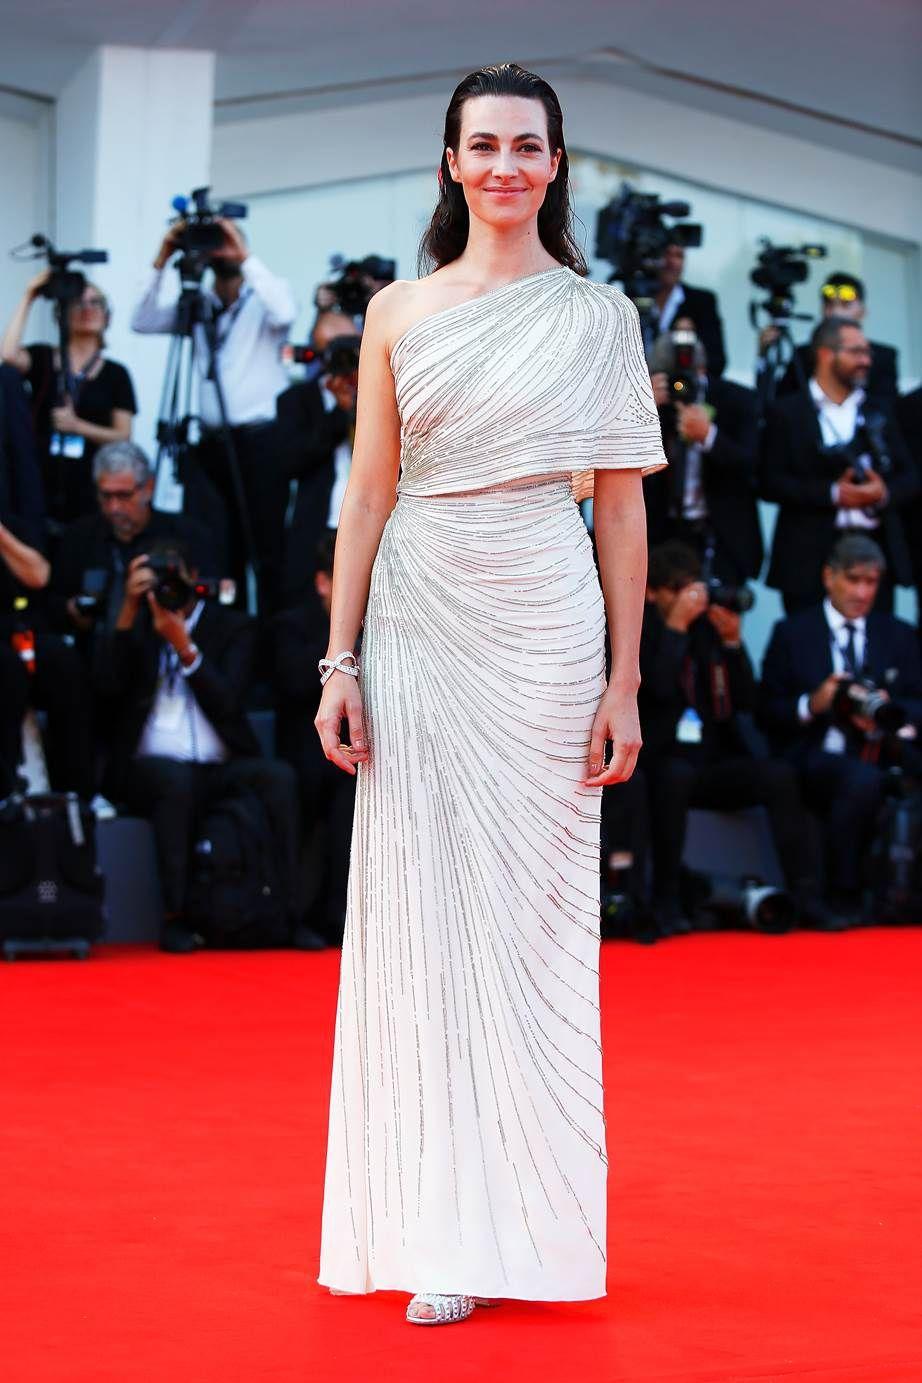 Розкішні сукні знаменитостей на відкритті Венеційського кінофестивалю-2017 - фото 336121